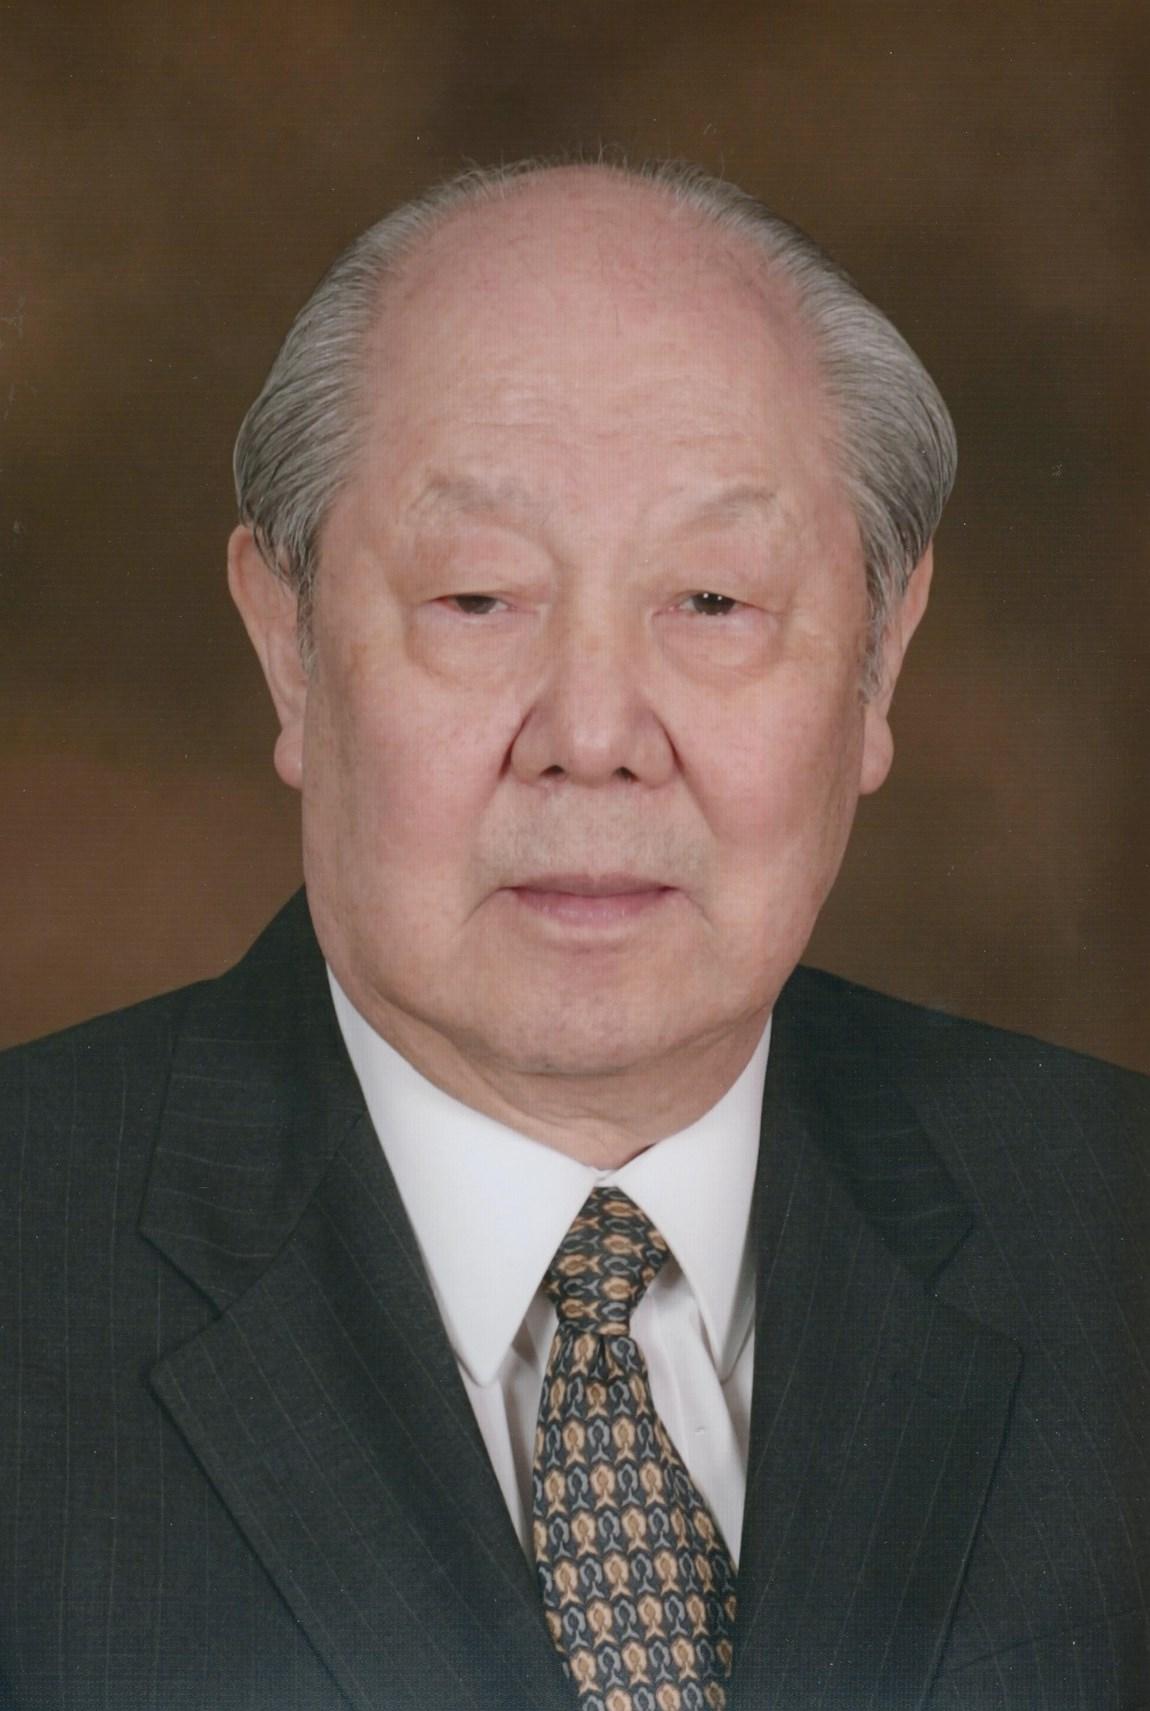 InBae Yoon M D  Obituary - Columbia, MD